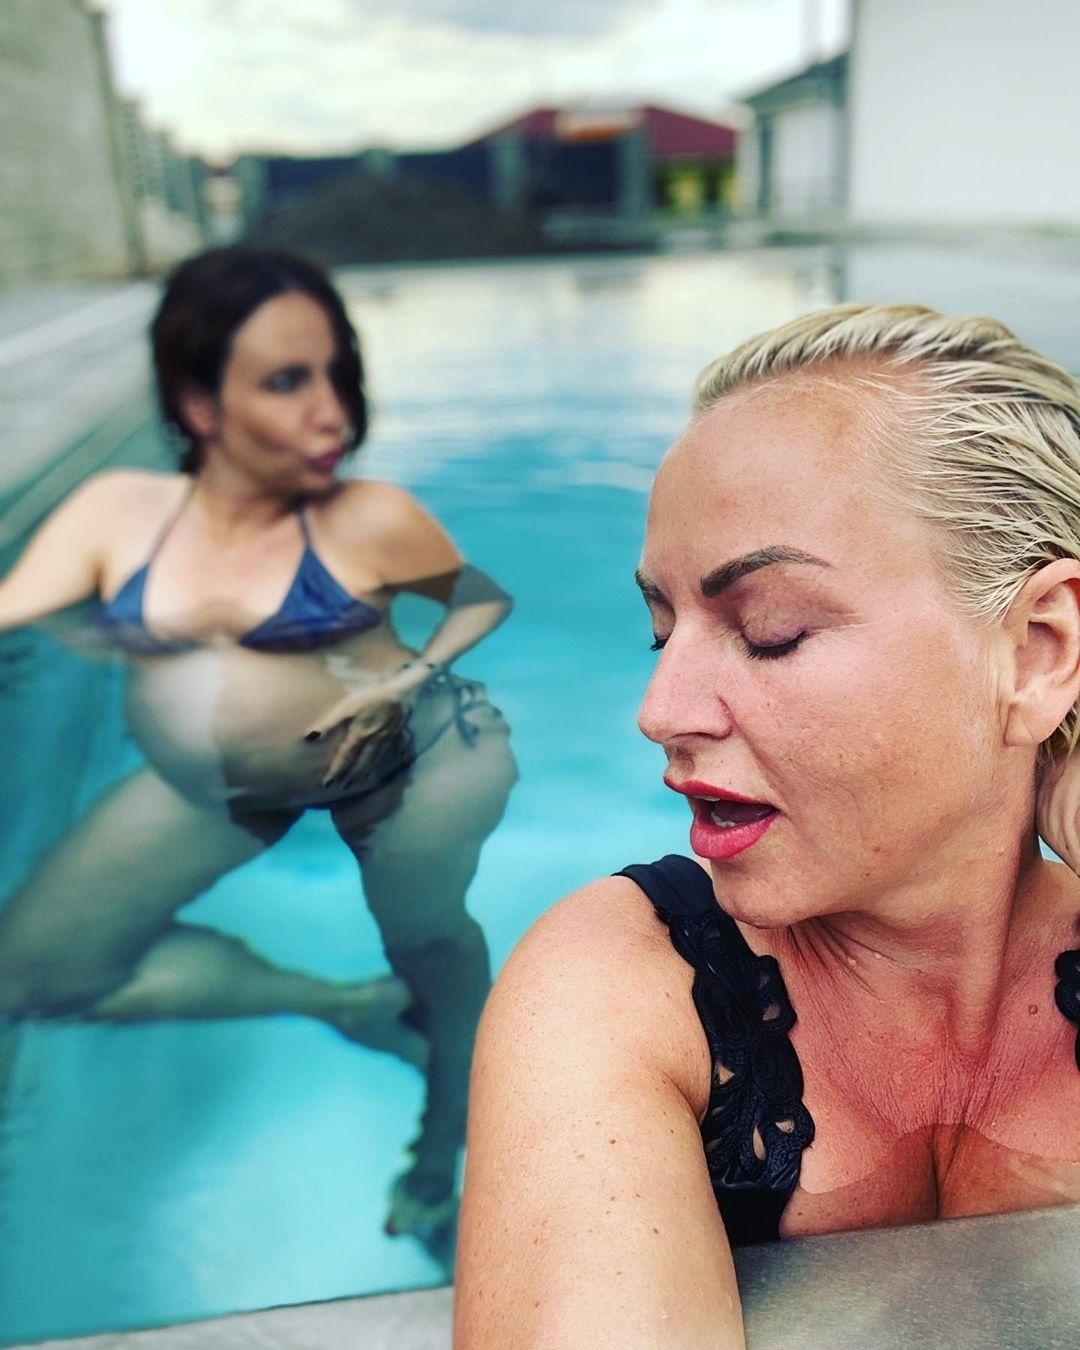 Martina Pártlová s Veronikou Arichtevou blbly u bazénu a pořídily hodně vtipné fotky